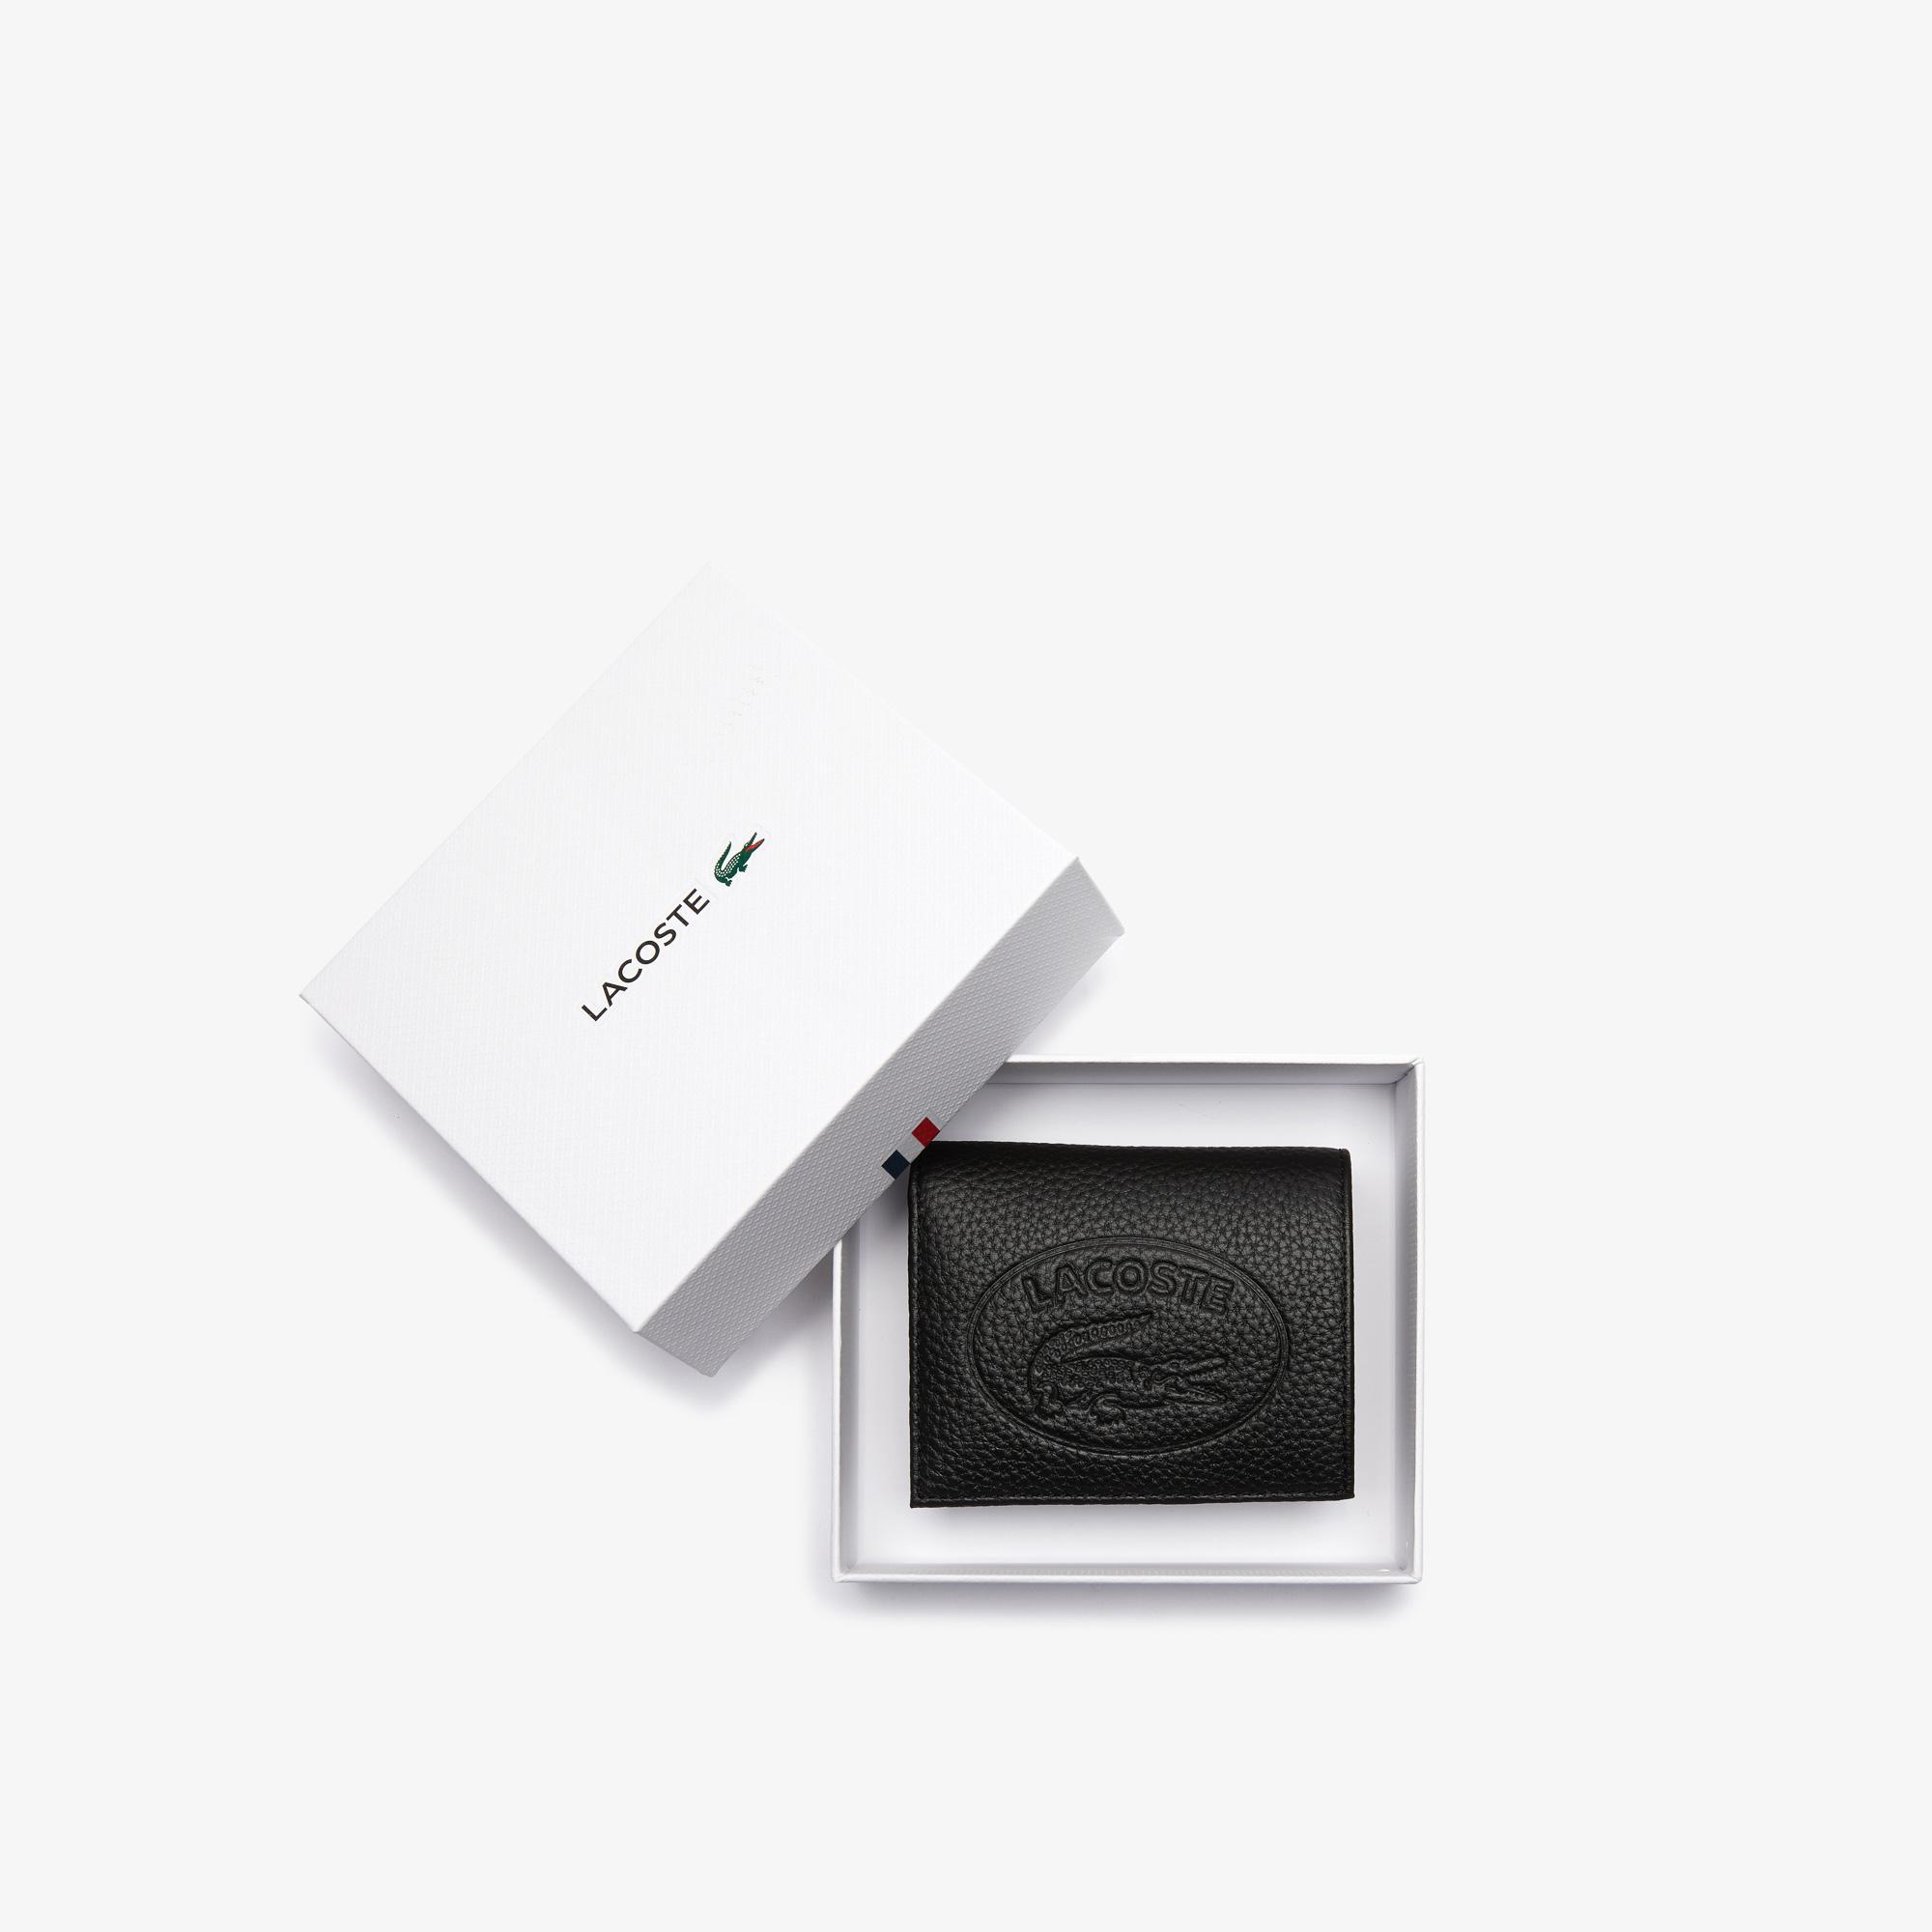 Lacoste Croco Crew Kadın Siyah Telefon Çantası/Cüzdan